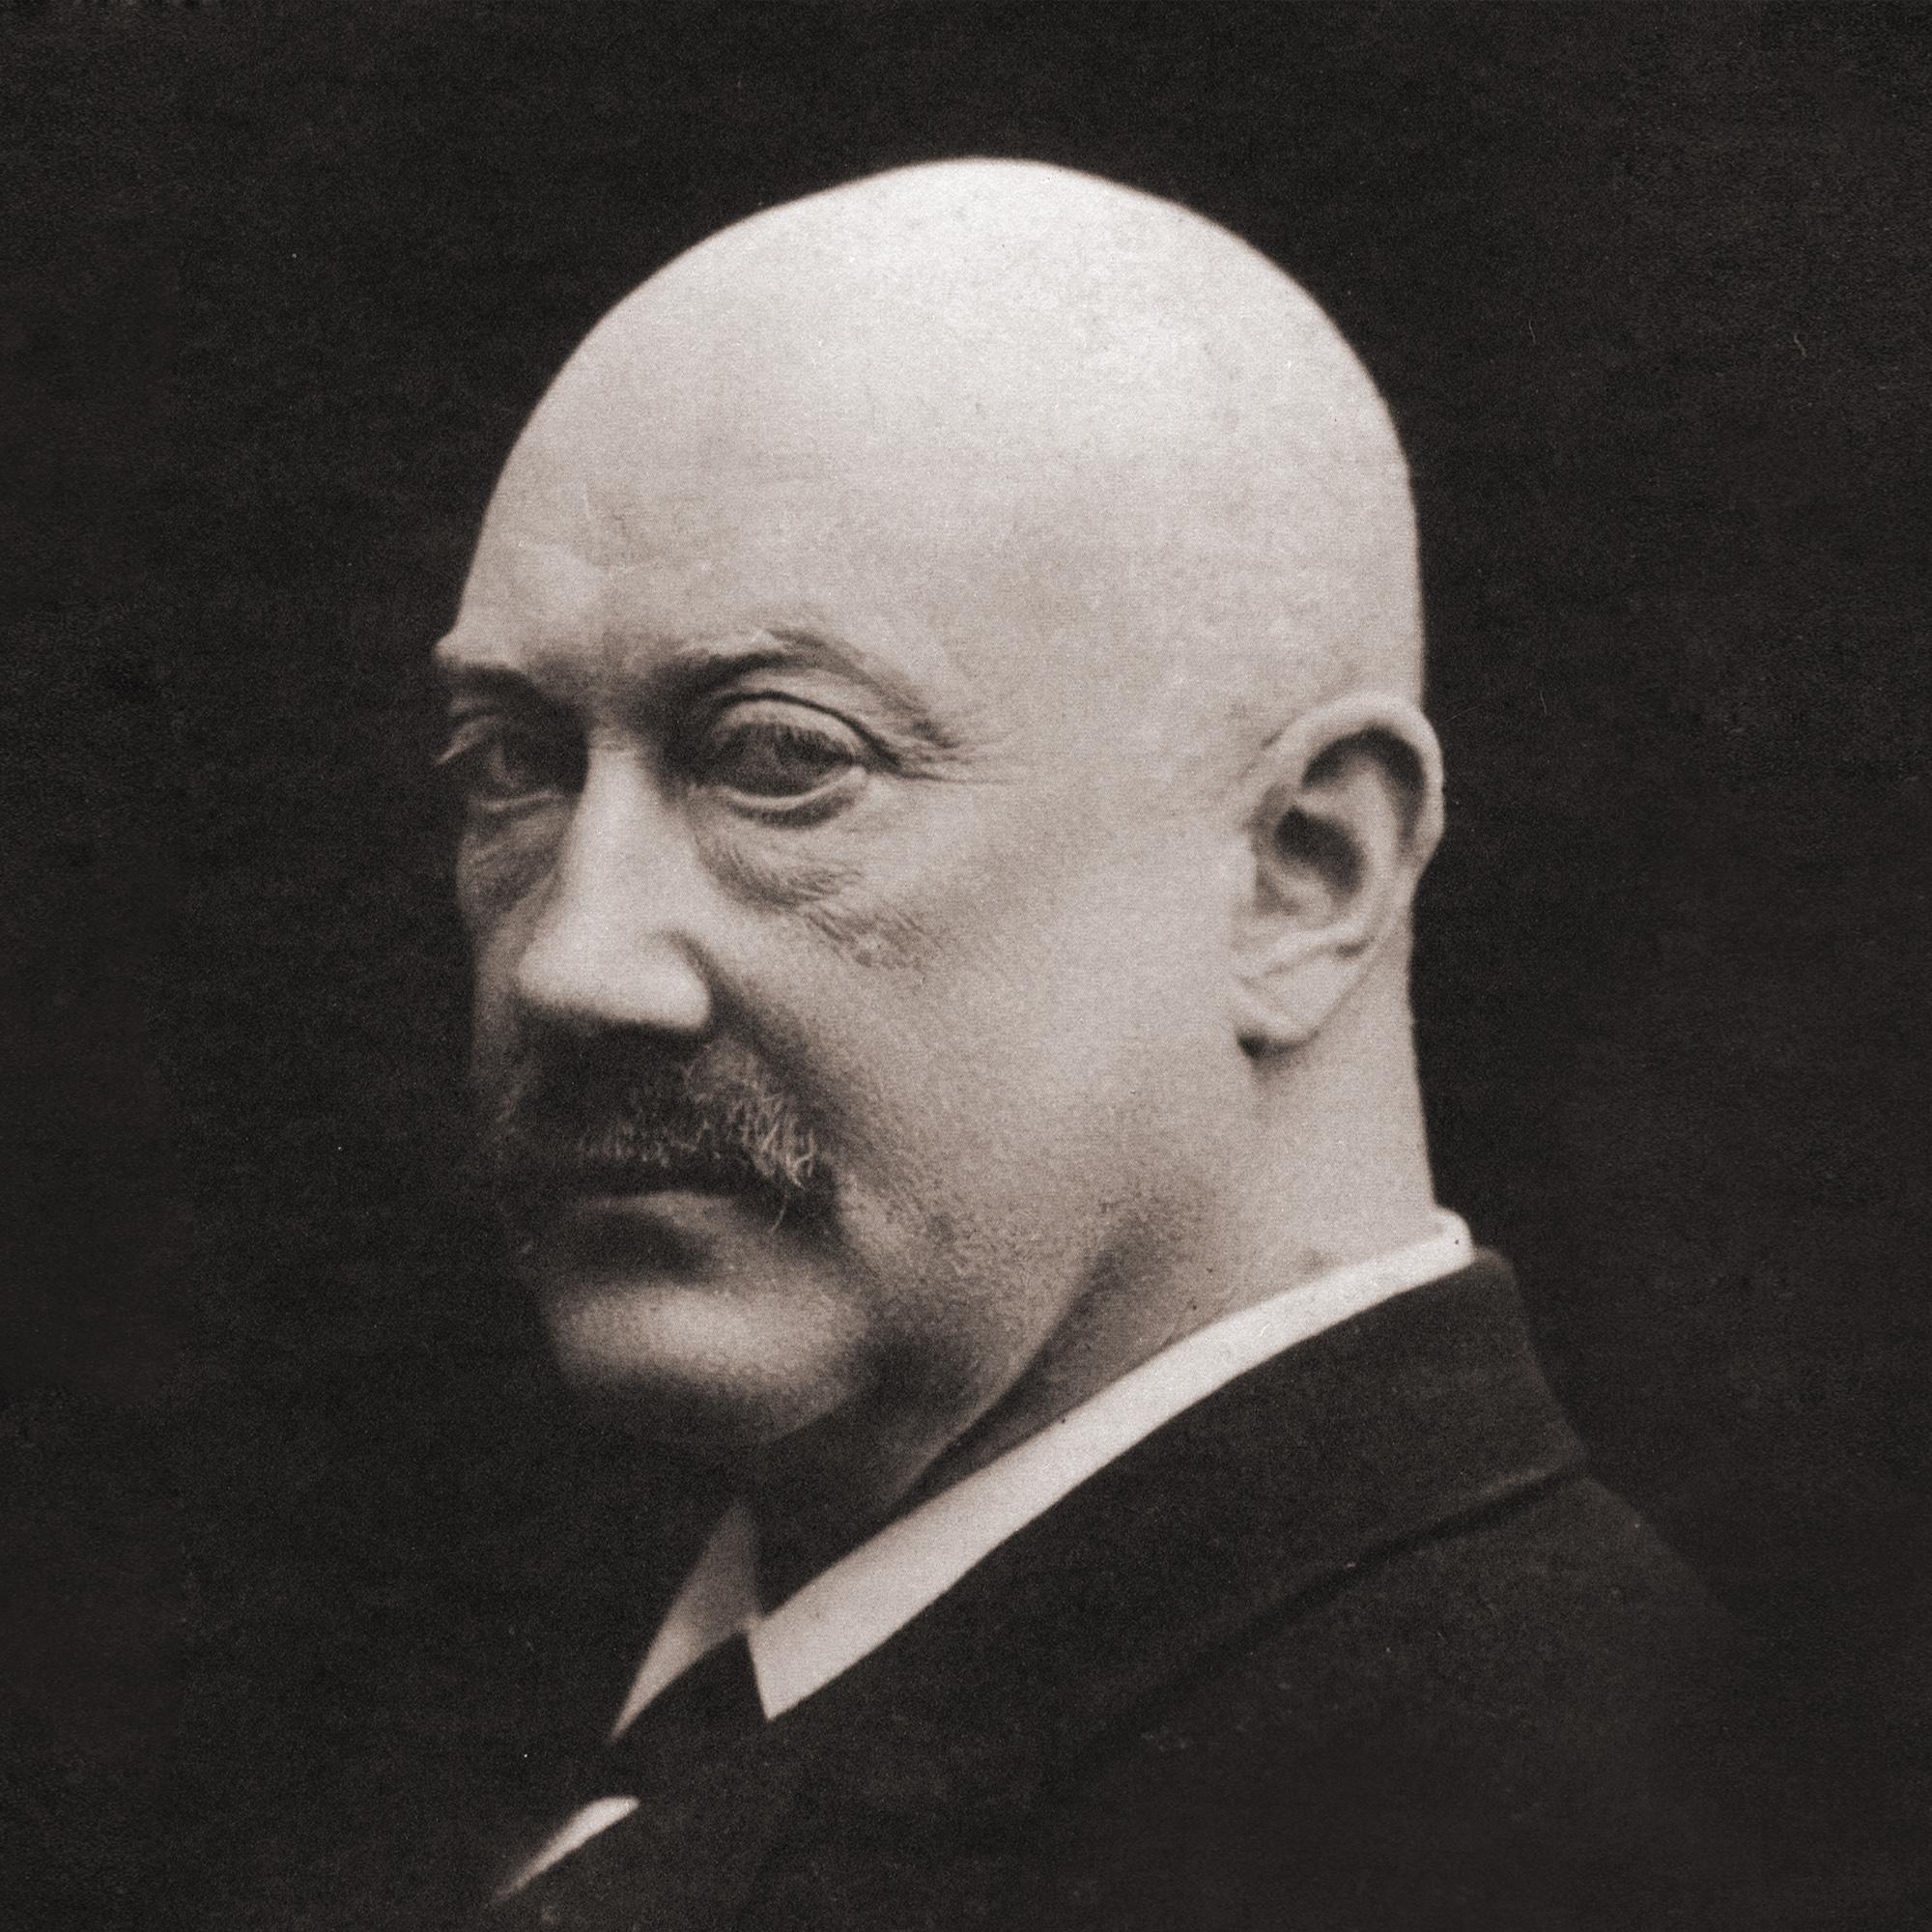 Thorvald Bindesbøll